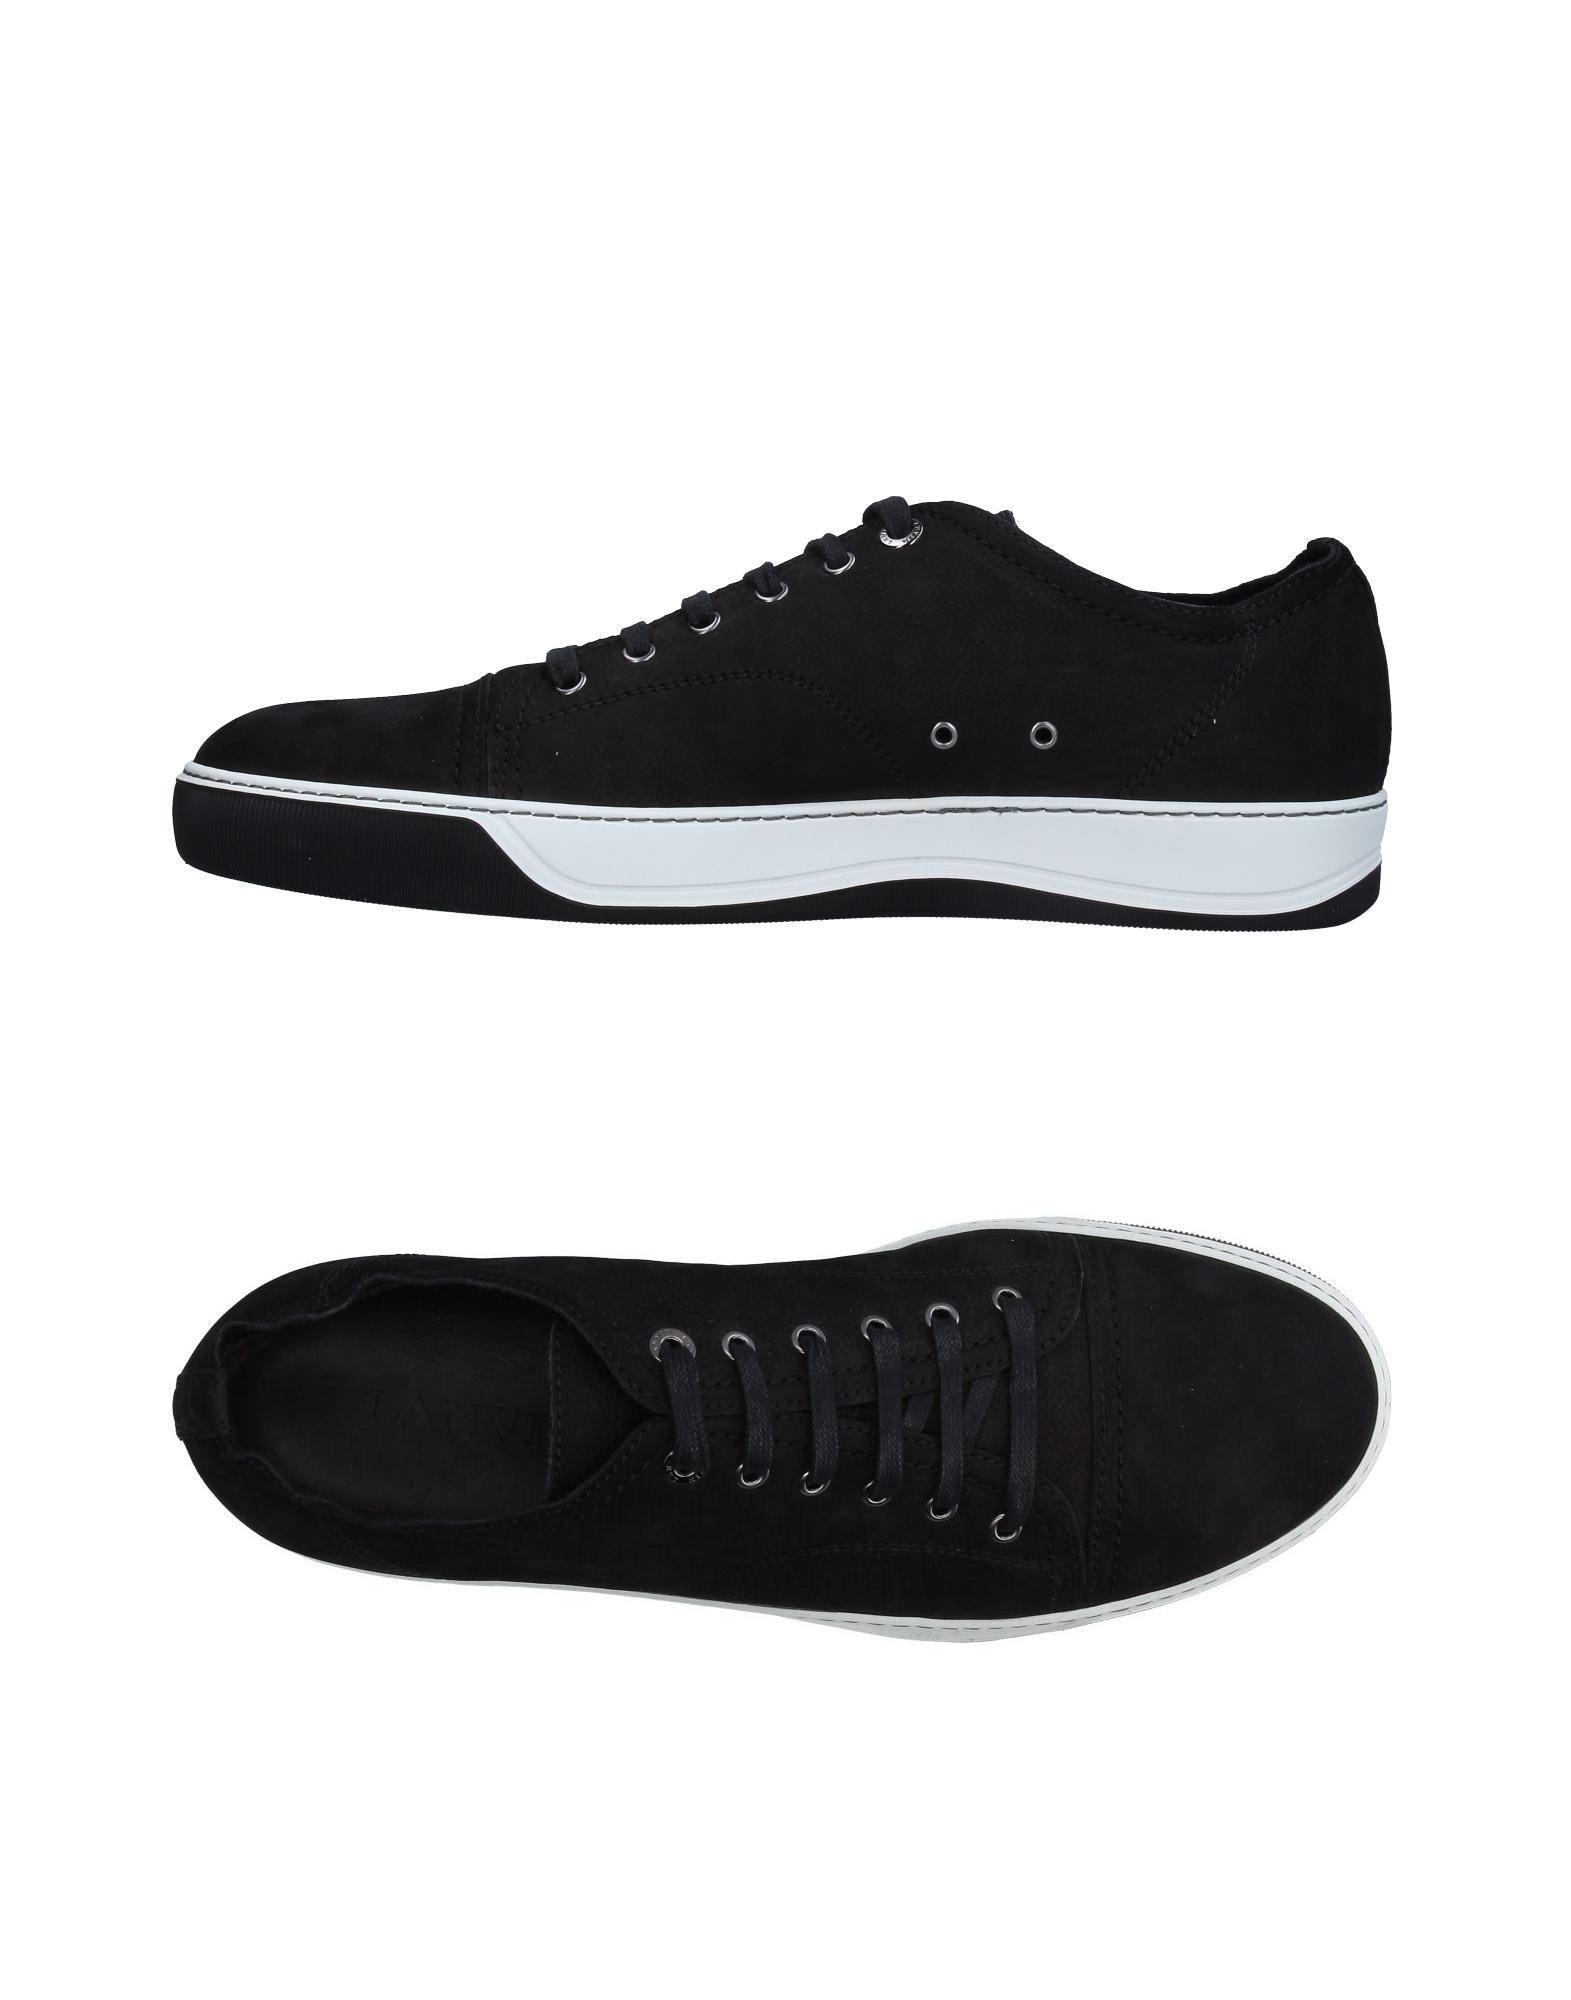 Sneakers Lanvin Homme - Sneakers Lanvin  Noir Réduction de prix saisonnier, remise